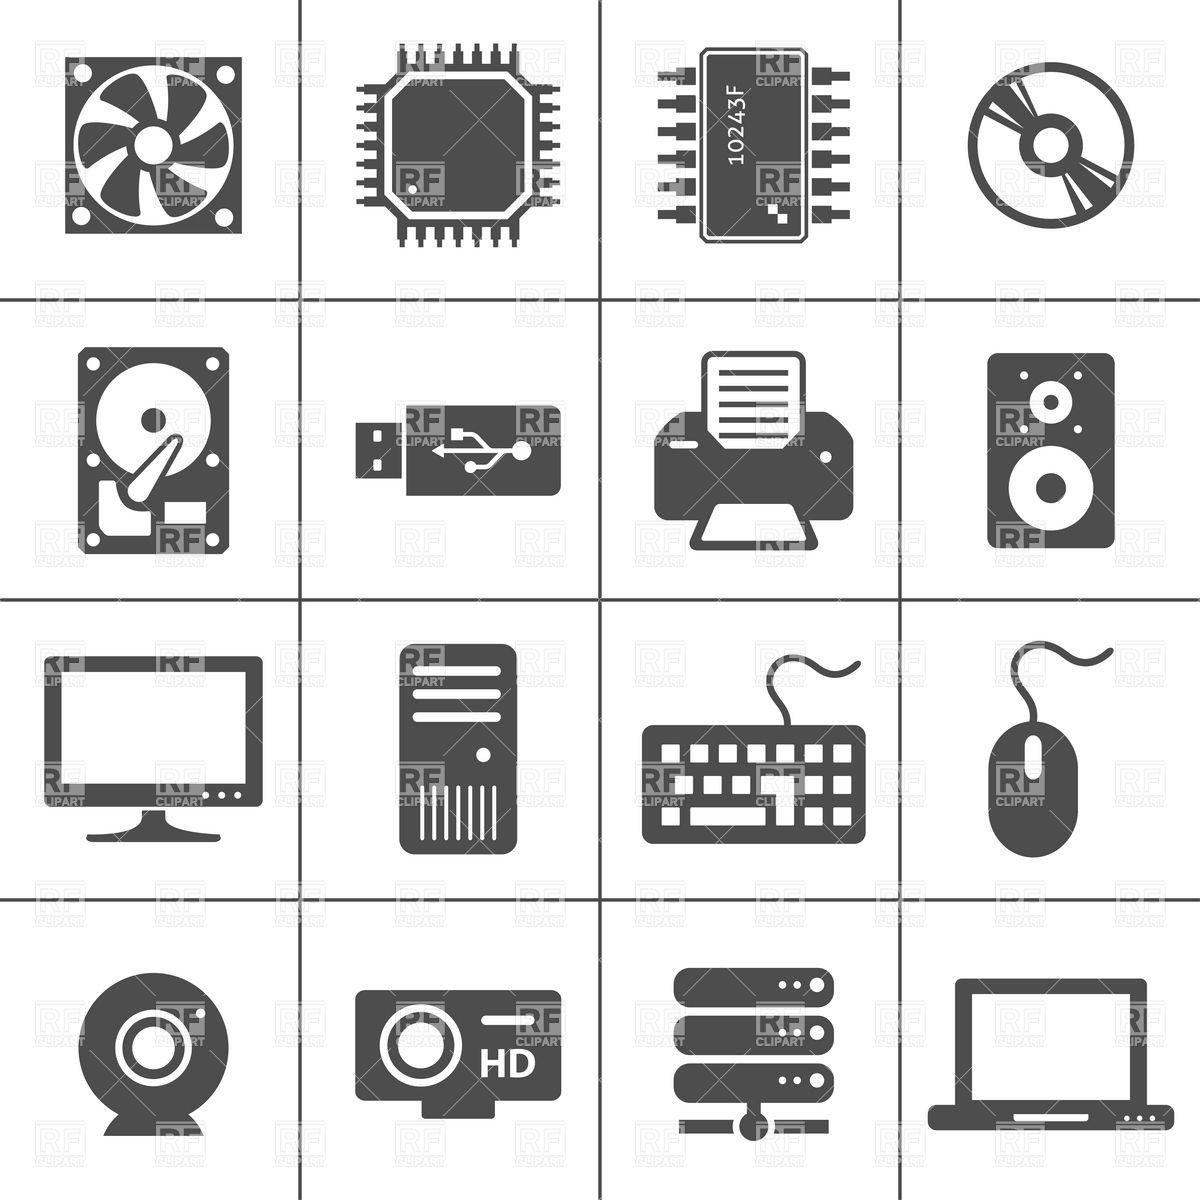 Computer components clipart.